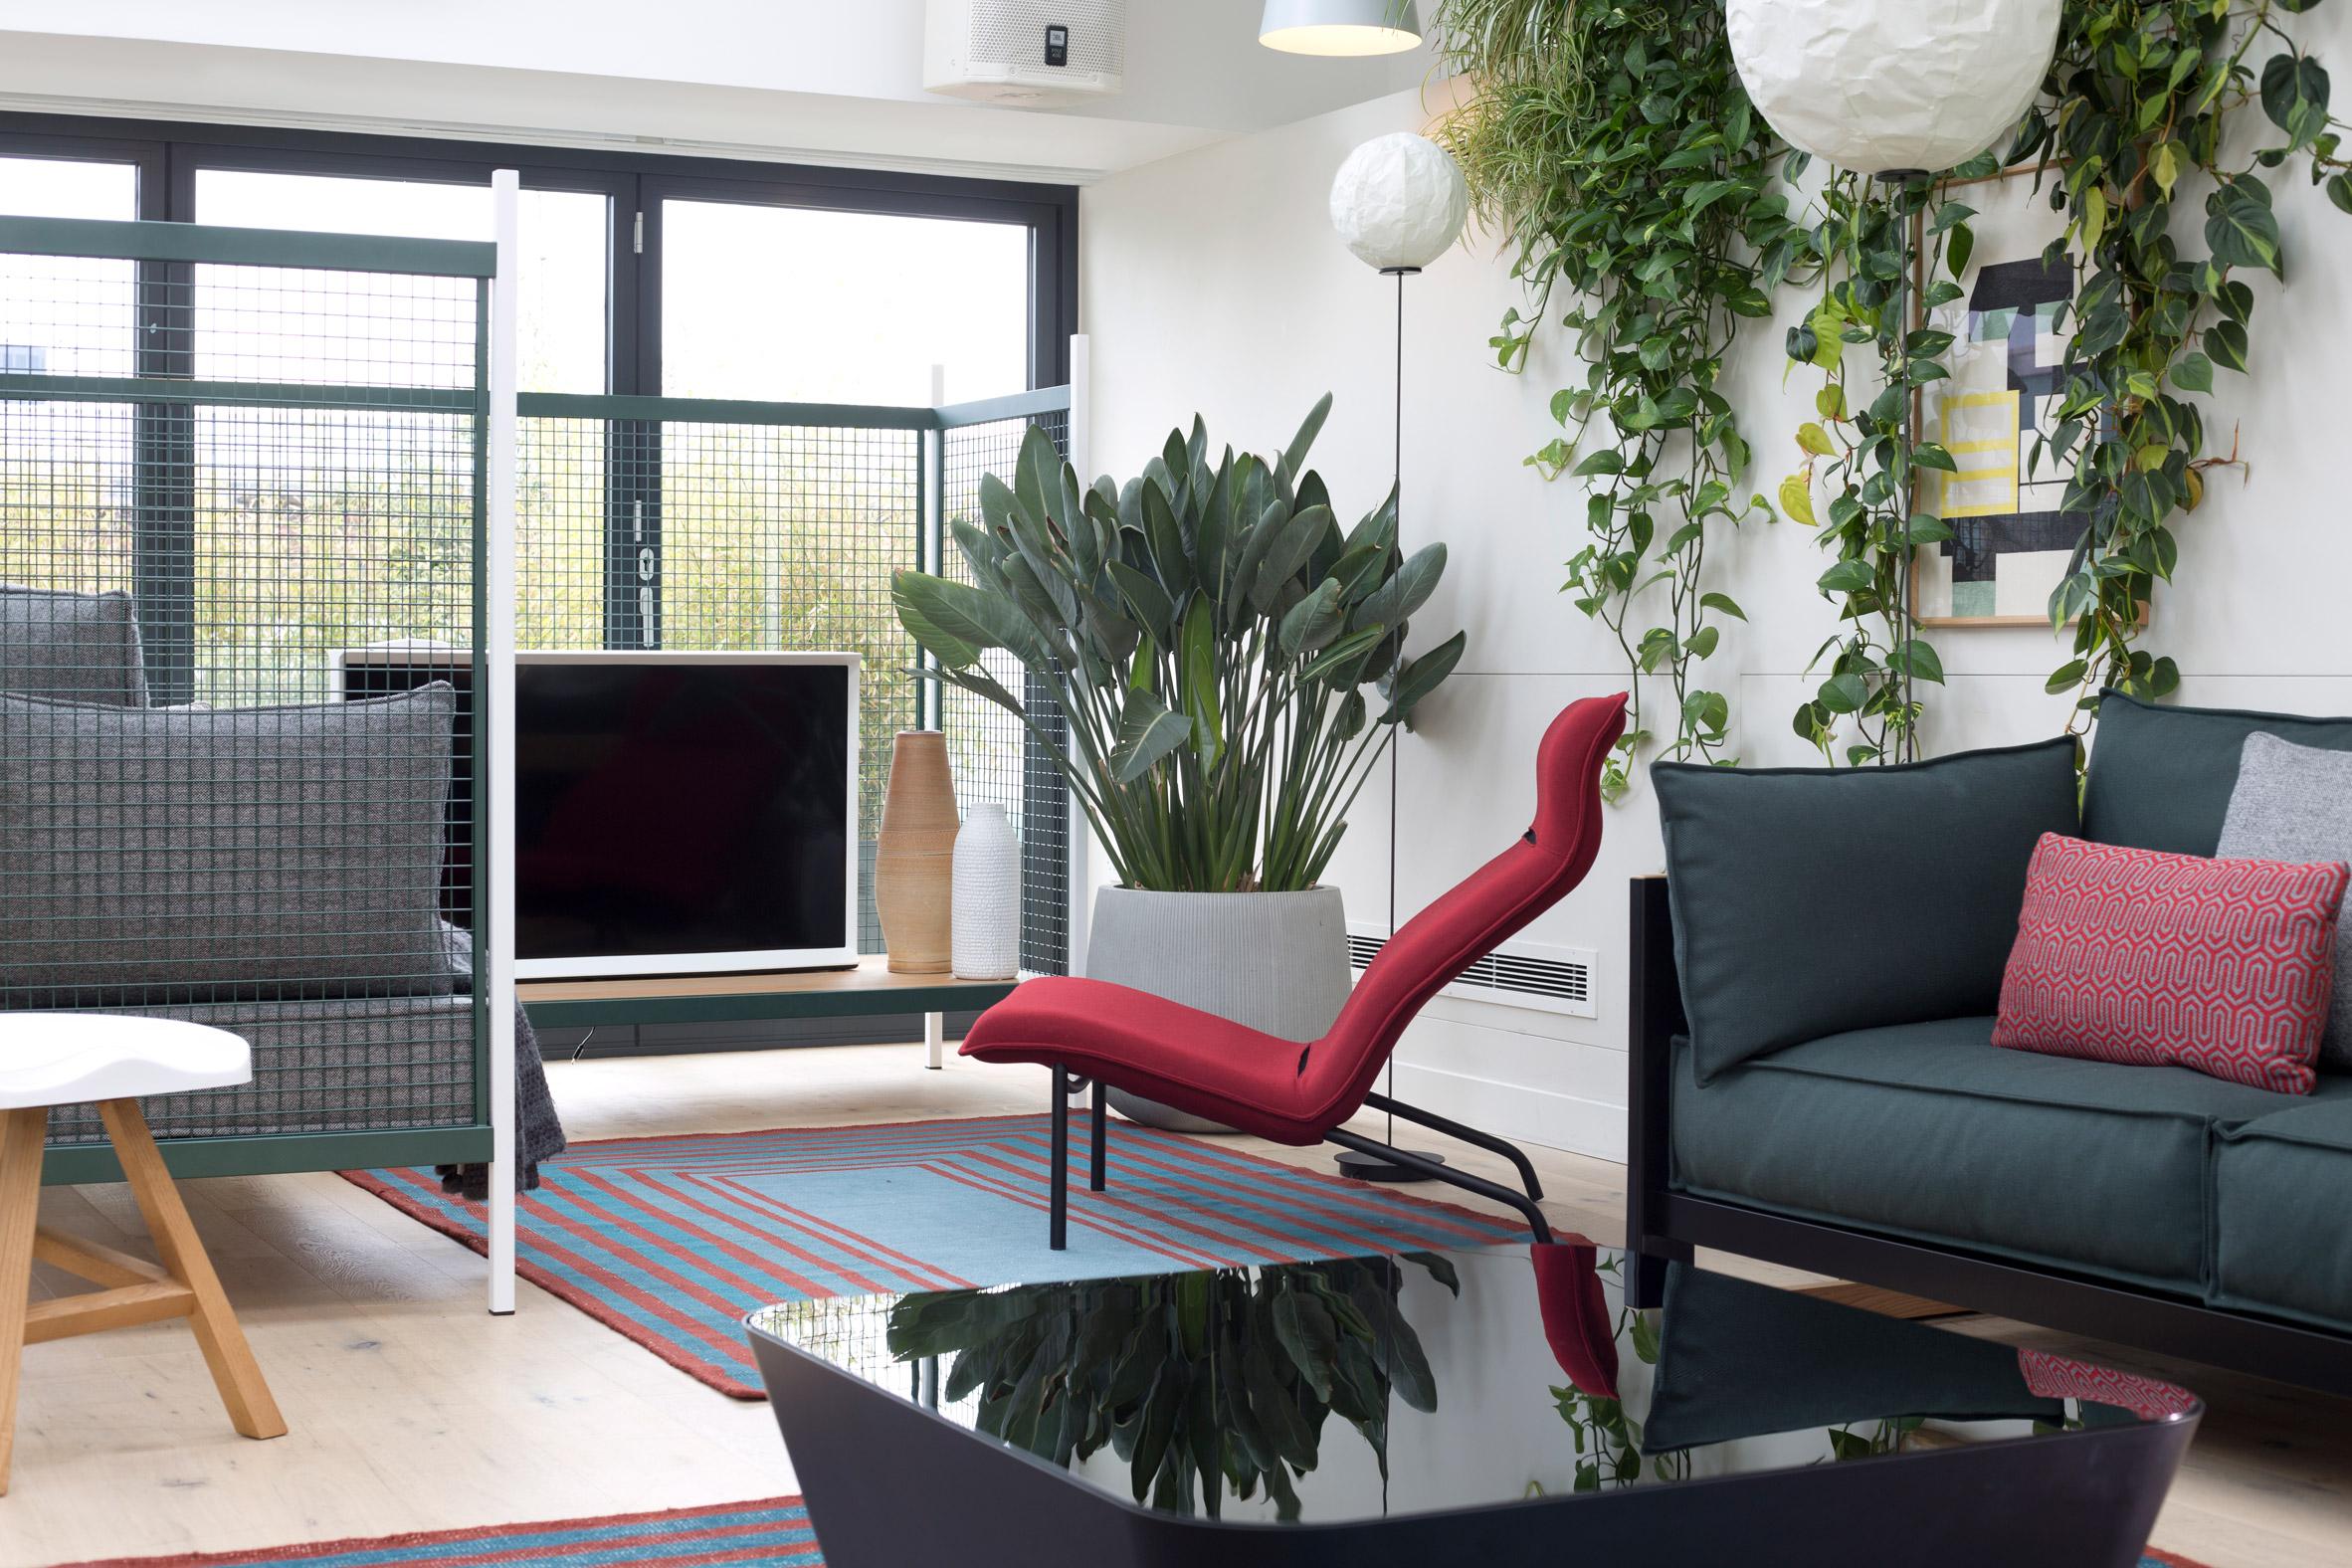 ✓ Thiết kế nội thất văn phòng đẹp - PHÒNG KHÁCH ĐẸP